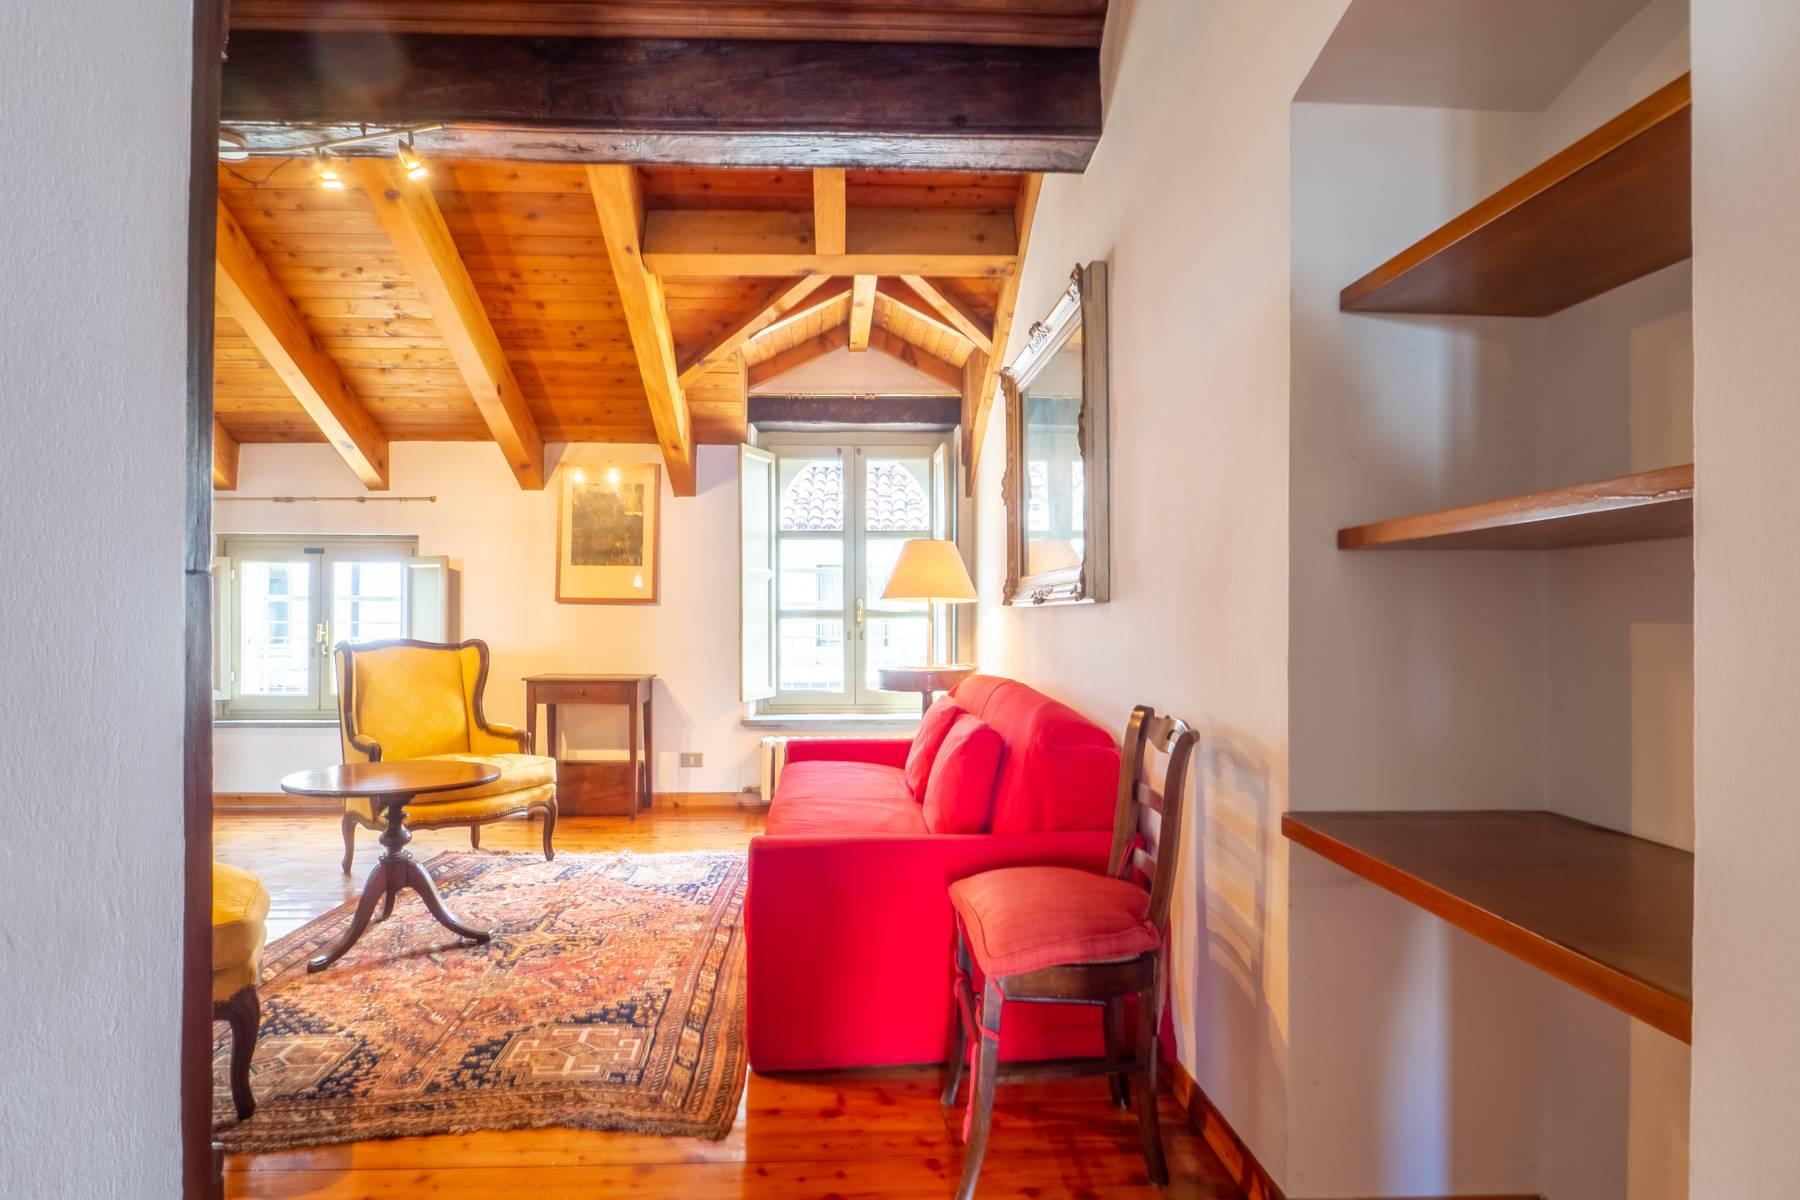 Appartamento in Vendita a Torino: 4 locali, 119 mq - Foto 4